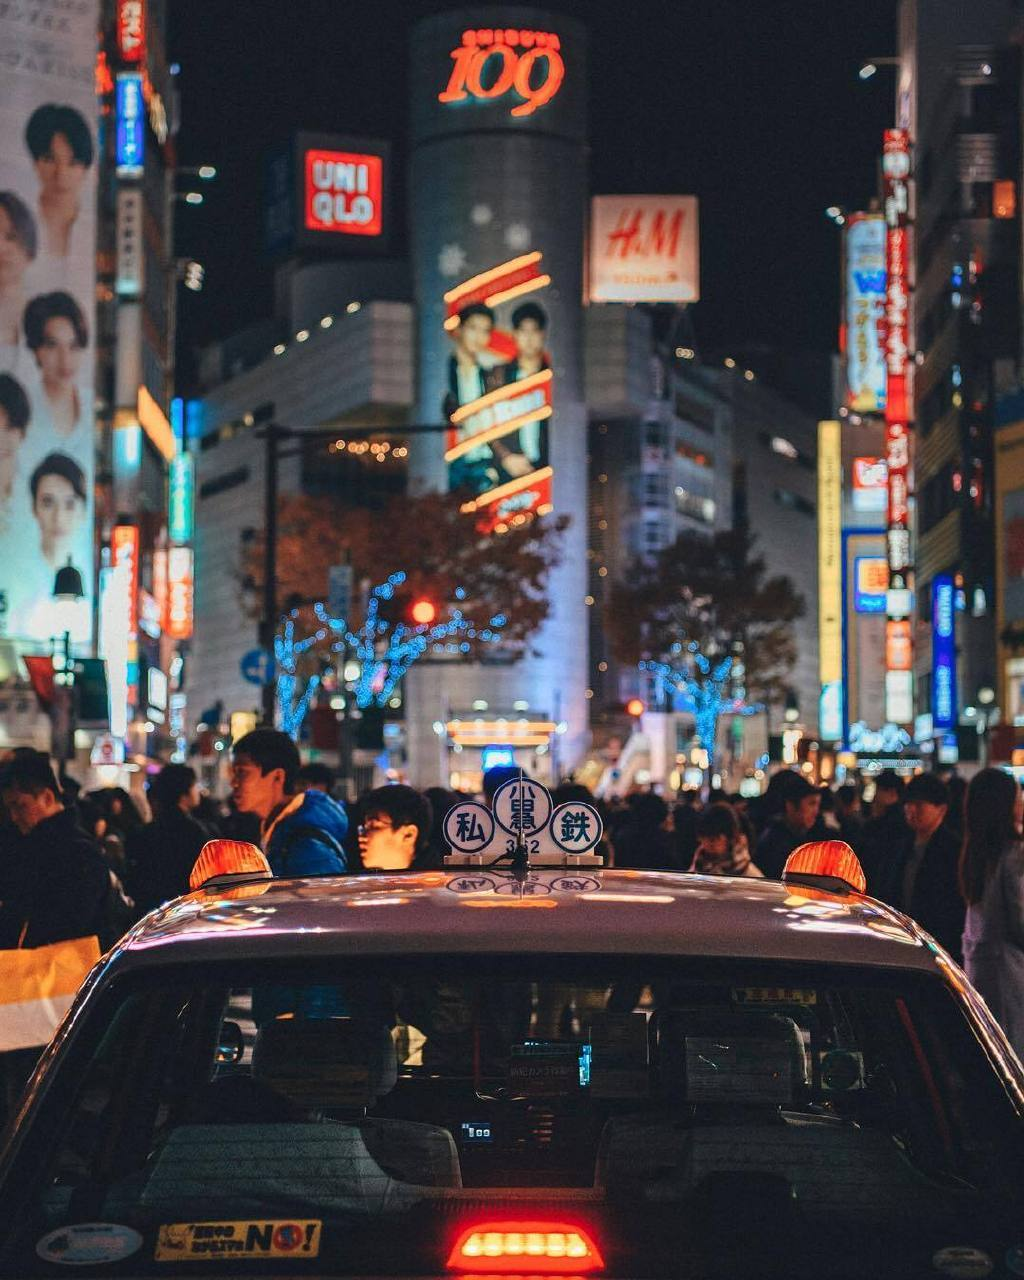 摄影师 Hiro Goto 镜头下夜里繁华的东京街头。